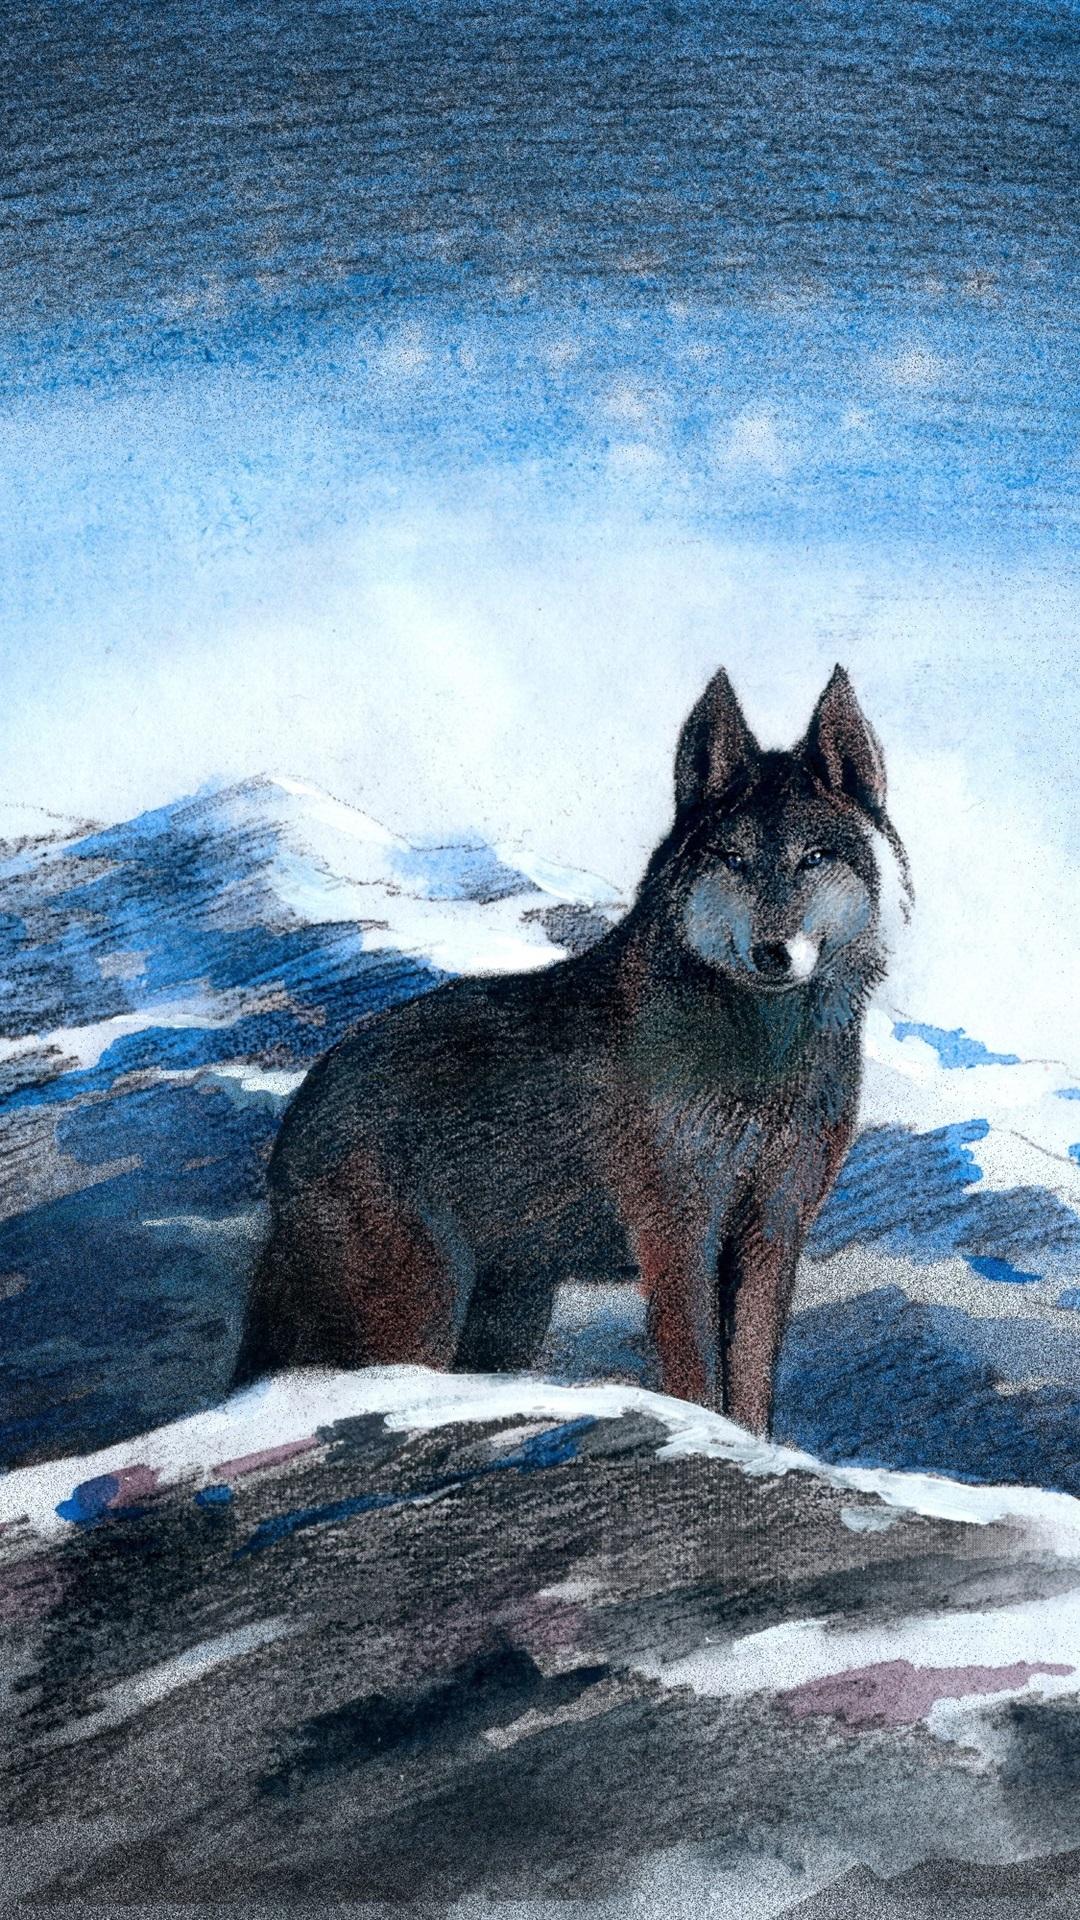 グレイオオカミ 山 雪 冬 アート写真 1080x1920 Iphone 8 7 6 6s